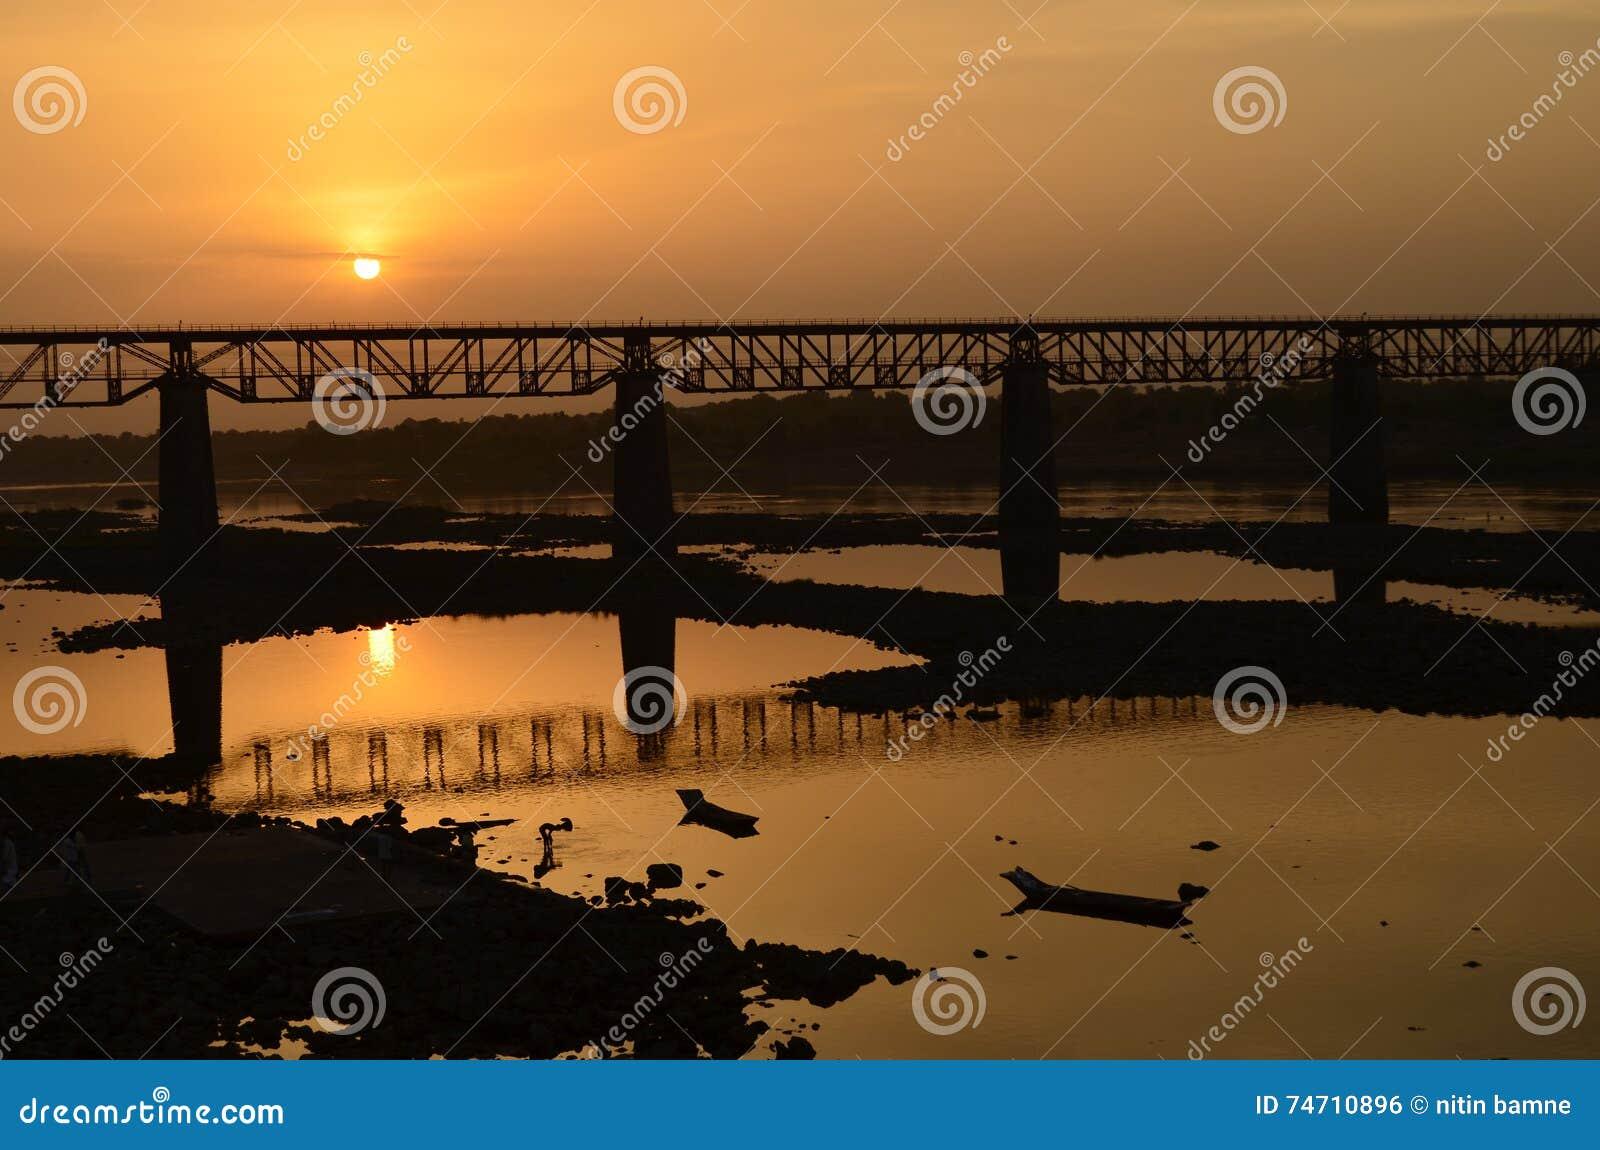 Ηλιοβασίλεμα με μια γέφυρα τραίνων στον ποταμό narmada indore πλησίον, Ινδία-2015